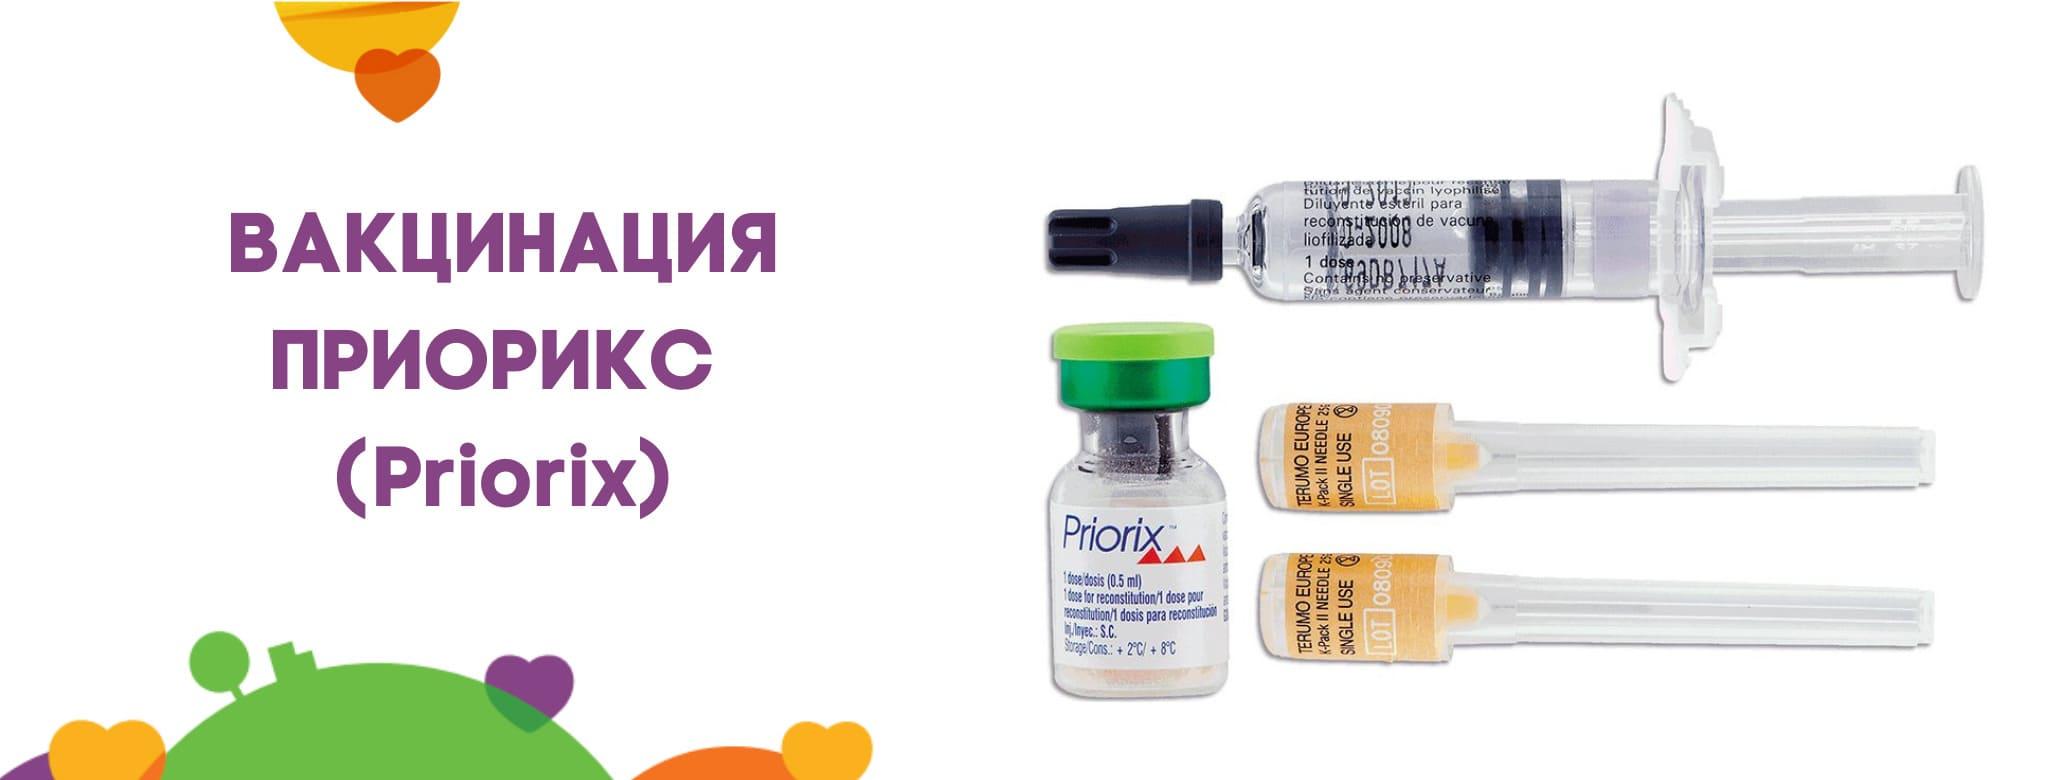 Вакцинация Приорикс (Priorix)